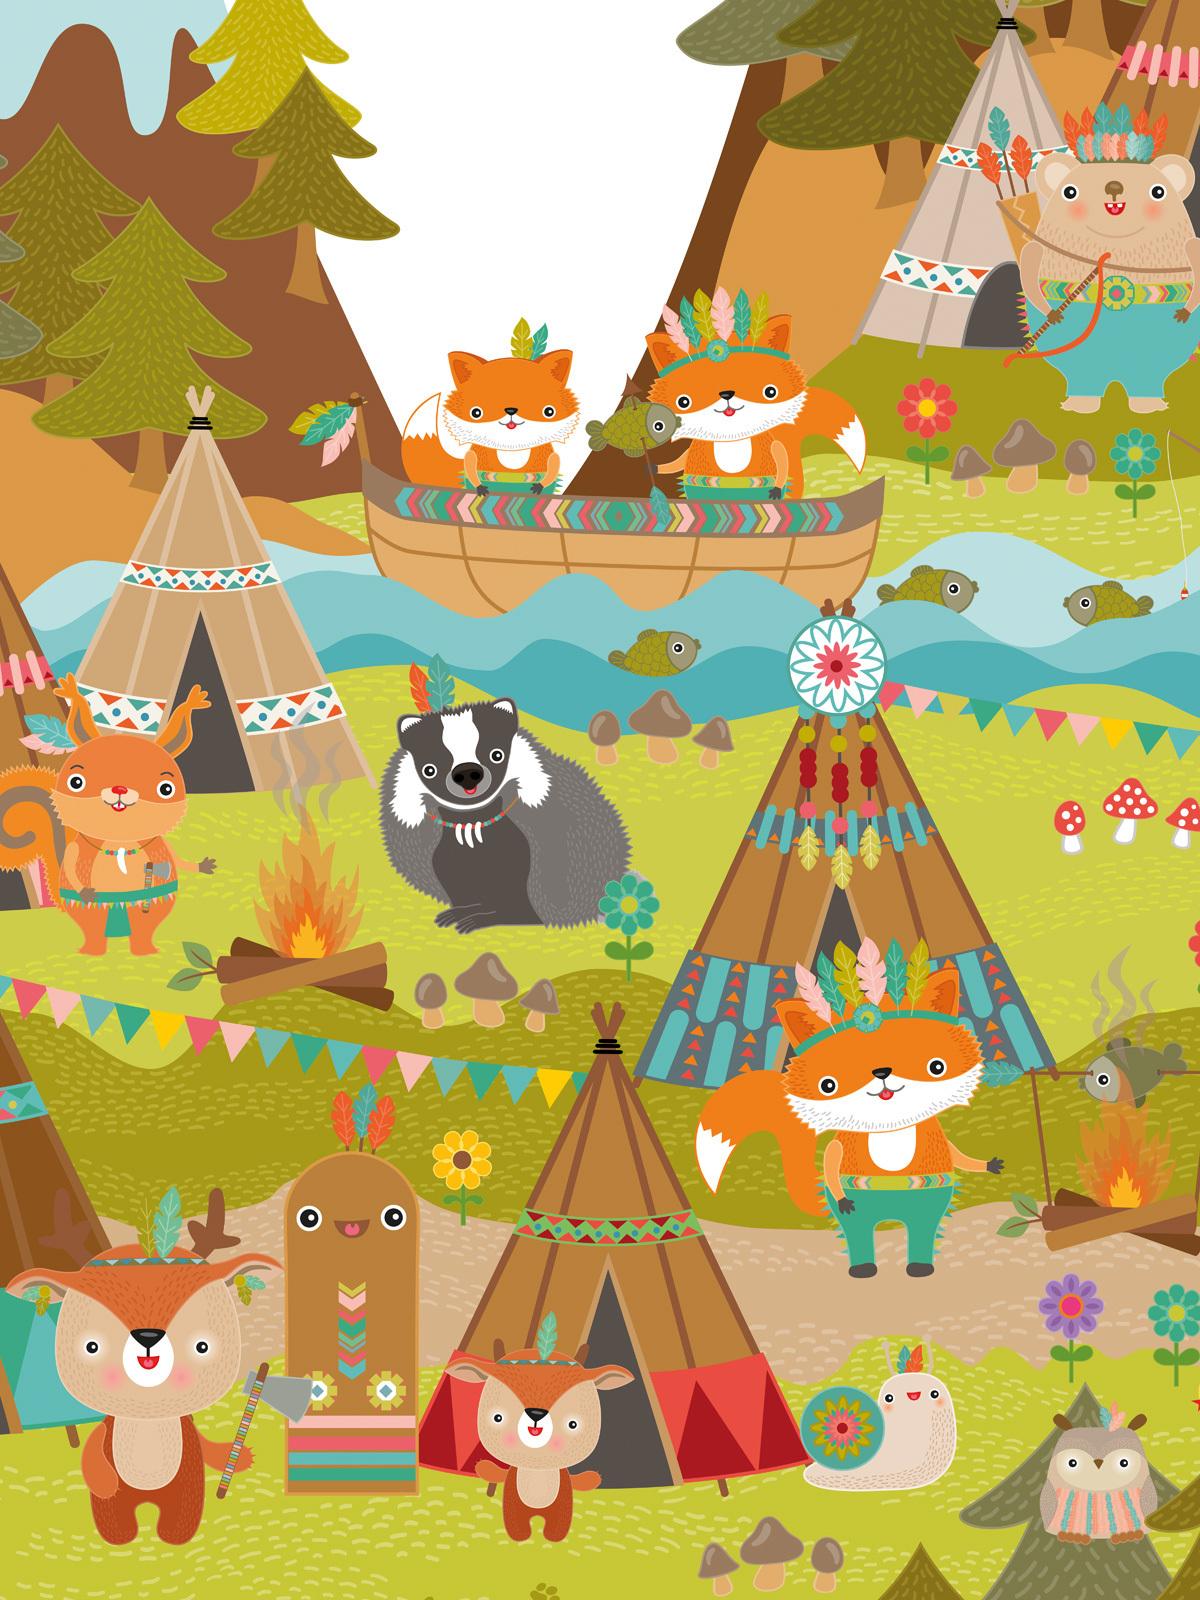 Full Size of Kinderzimmer Tapete Mutige Indianer In Tippis Miyo Mori Fototapete Küche Fenster Tapeten Für Regal Wohnzimmer Regale Modern Ideen Die Schlafzimmer Weiß Sofa Wohnzimmer Kinderzimmer Tapete